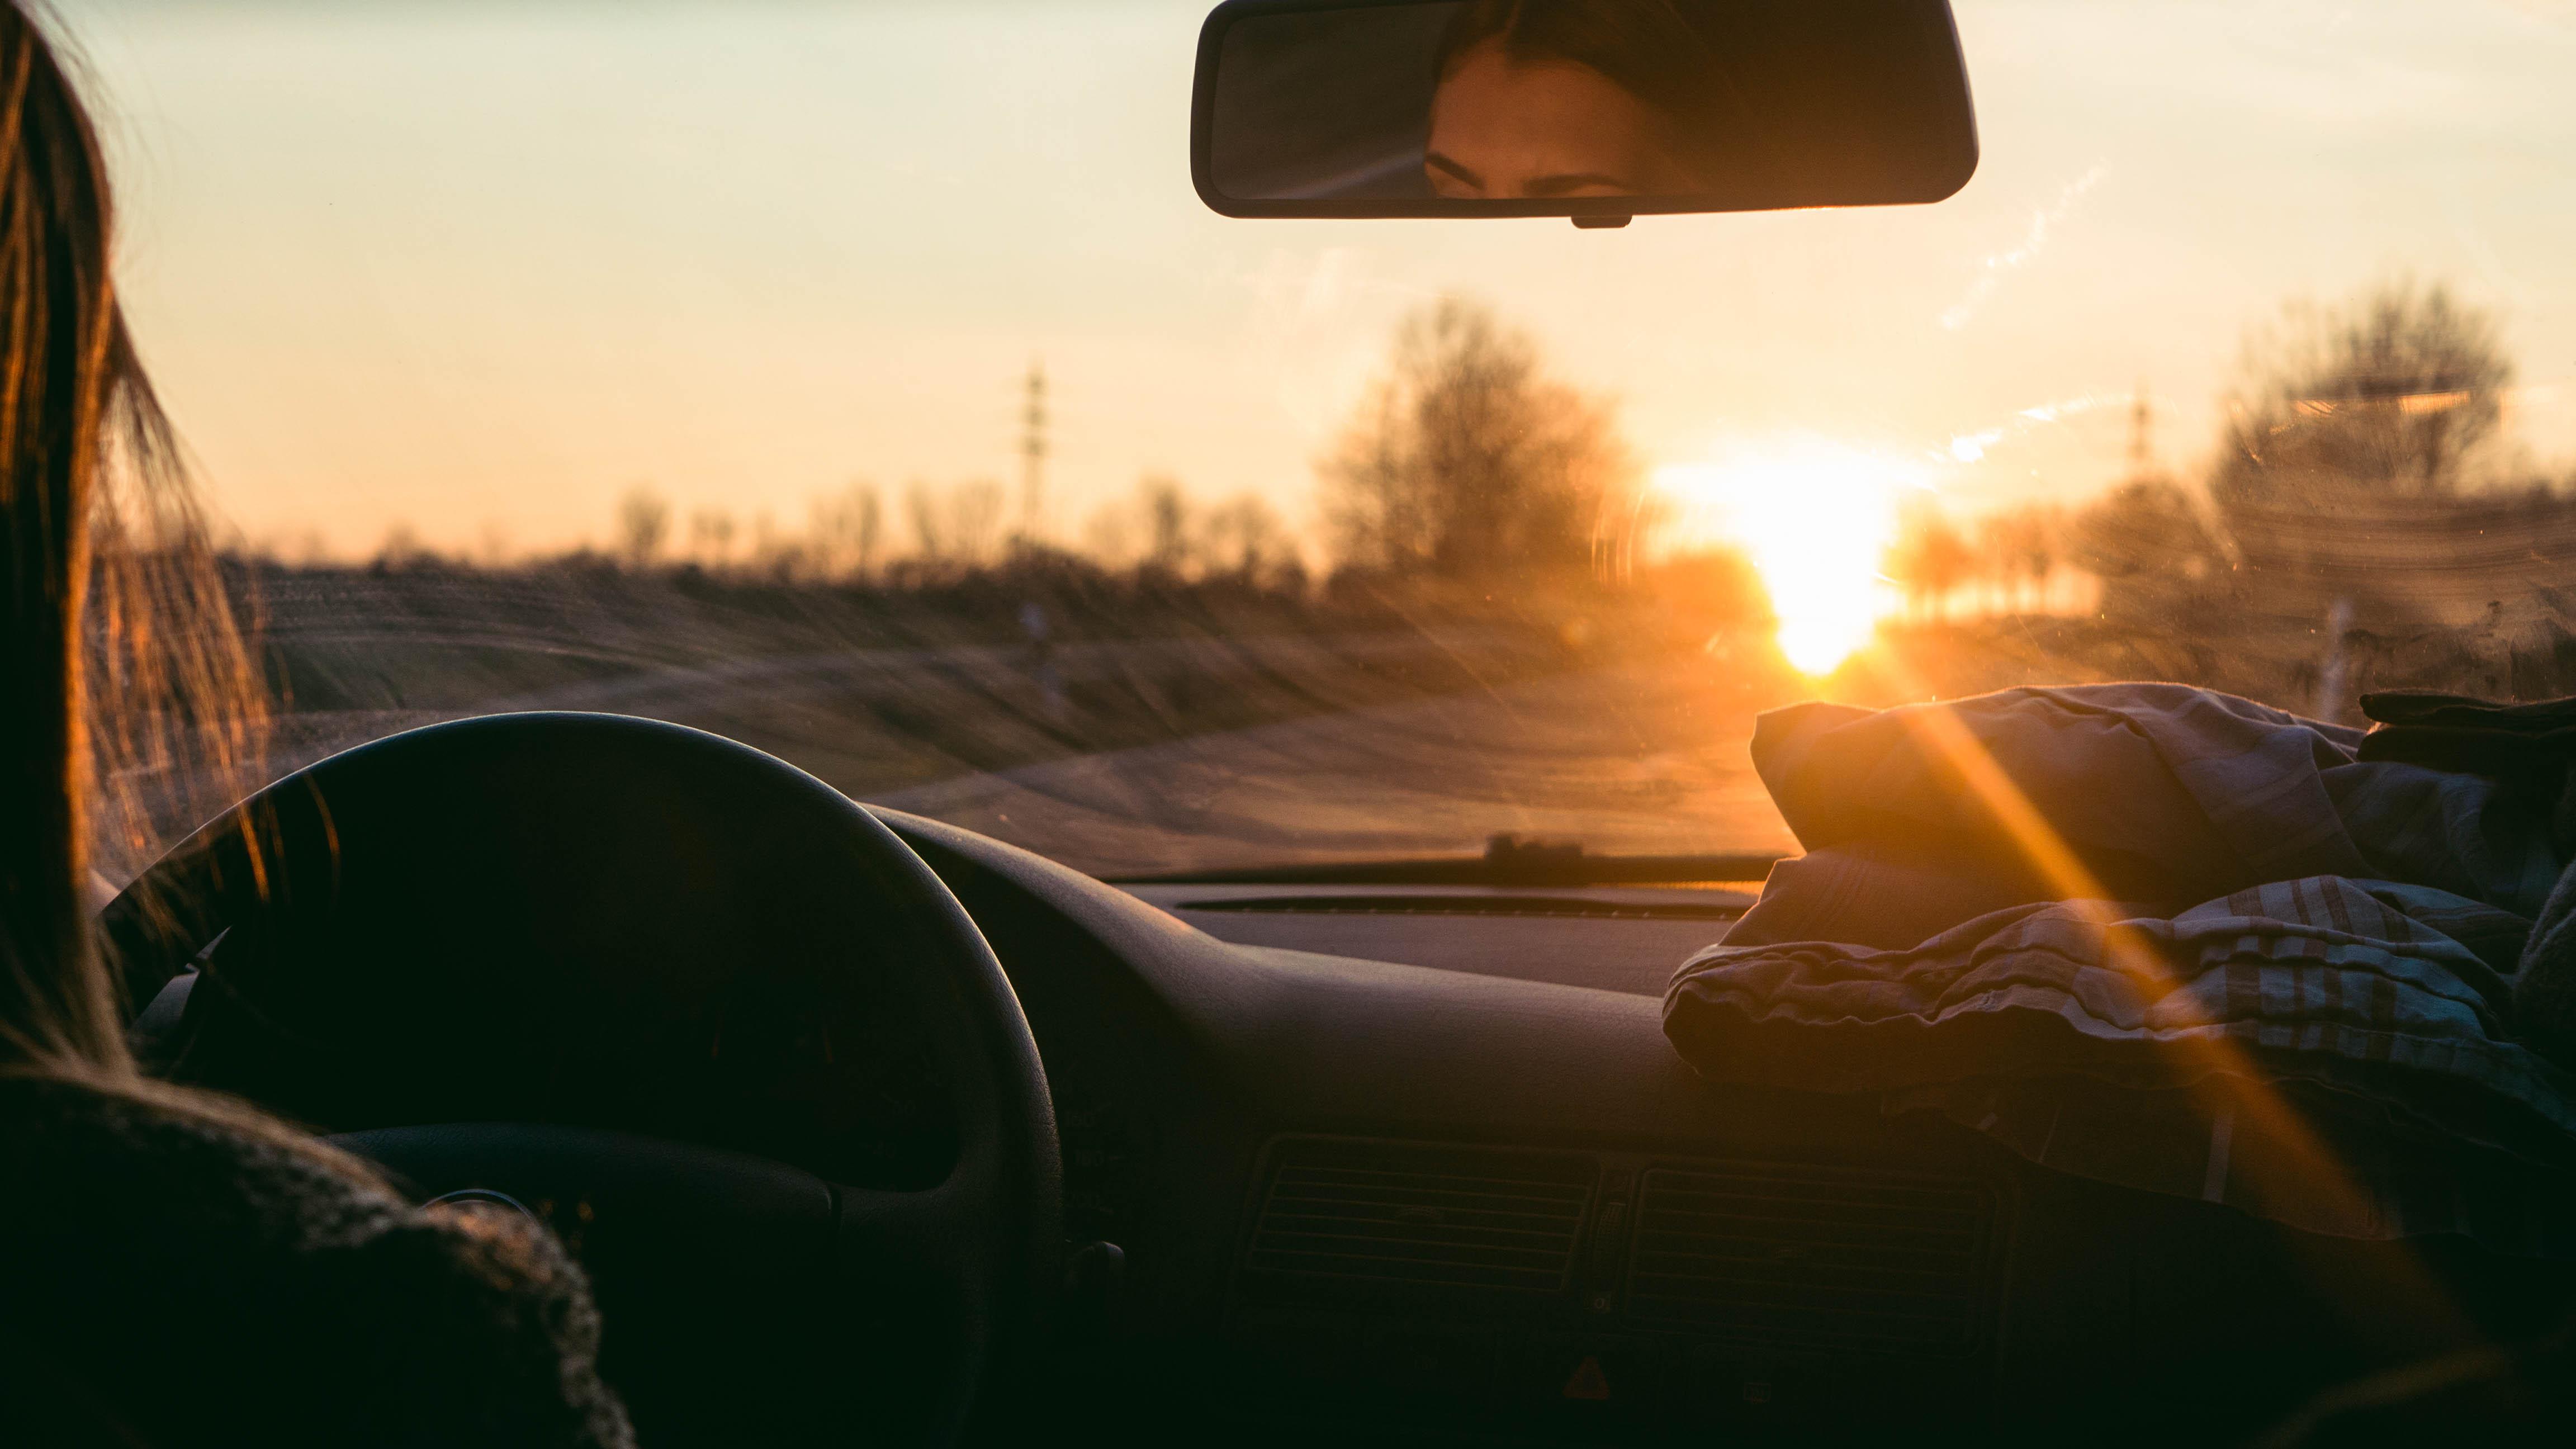 Car Window Wallpaper Wallpaper Sunlight Sunset Car Reflection Road